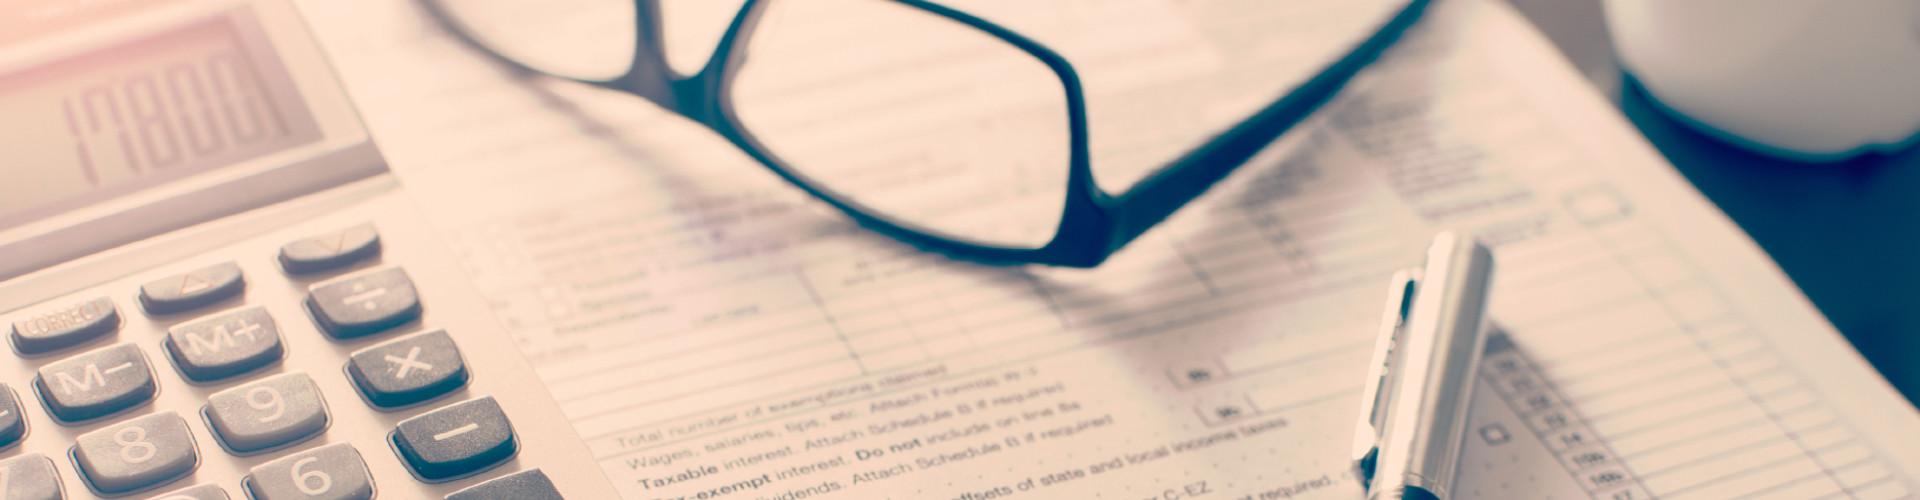 Auf einem Tisch liegen ein Tischrechner, eine Brille und ein Kugelschreiber © devrim_pinar, stock.adobe.com